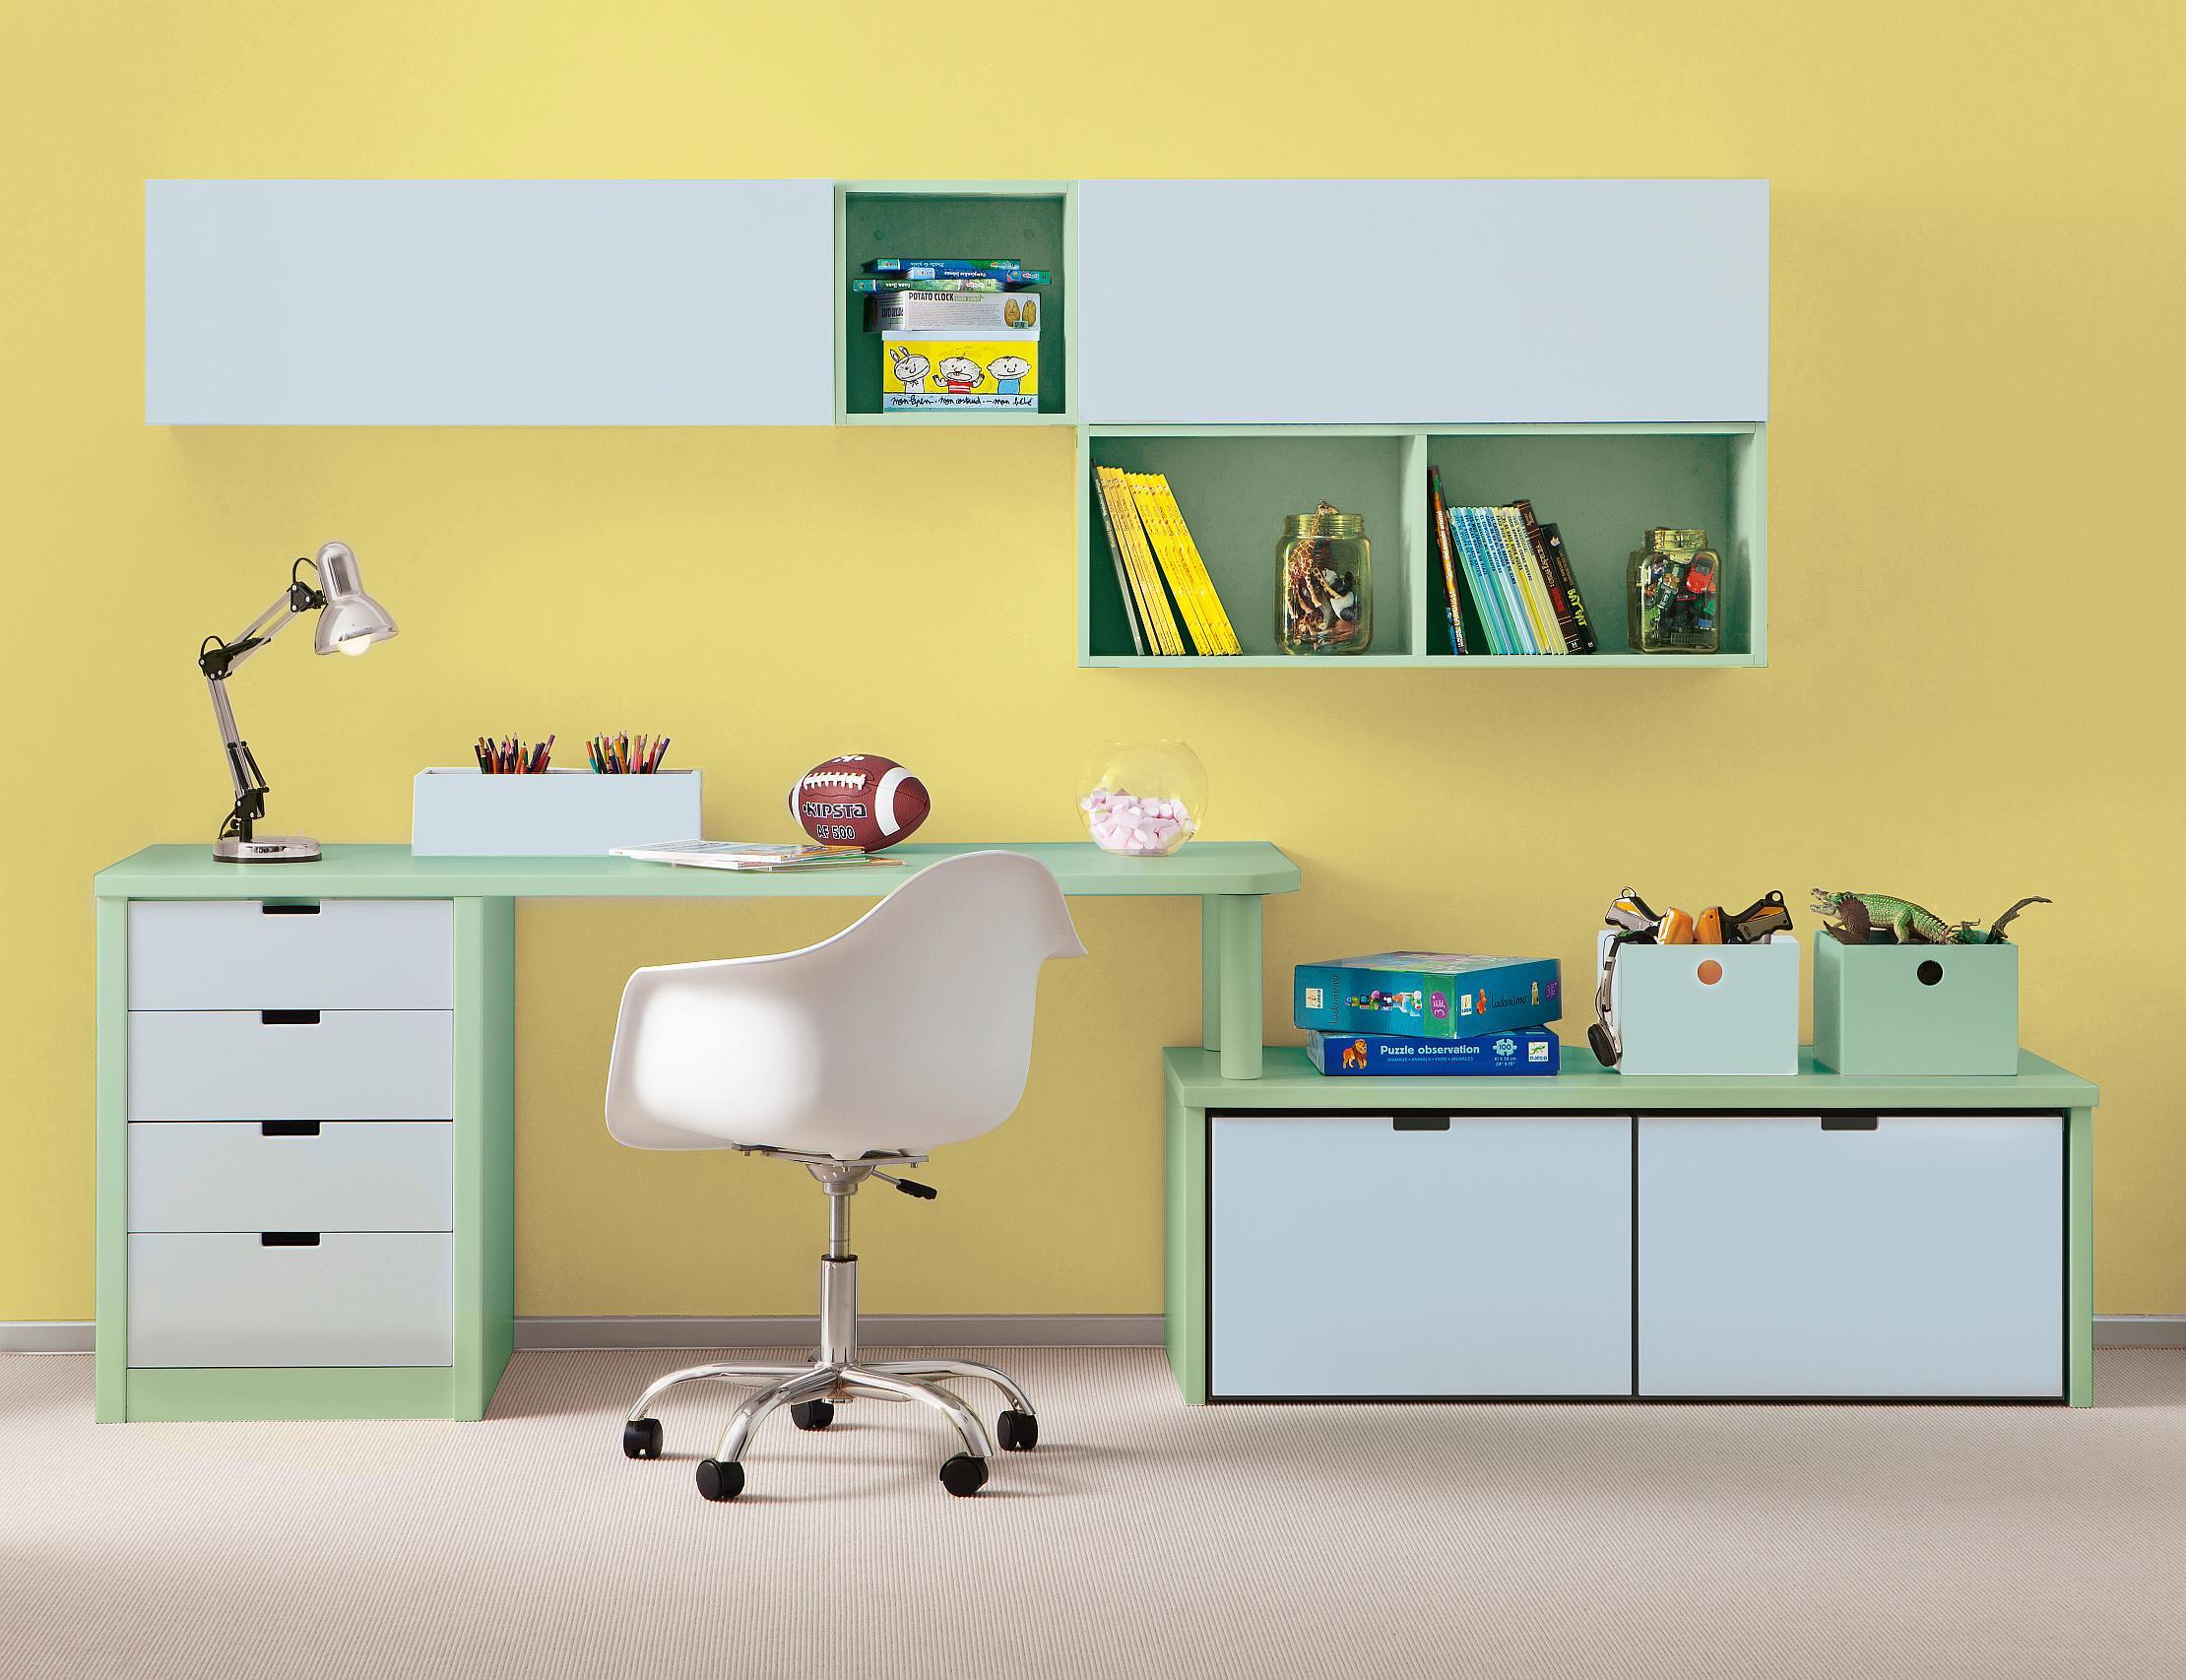 7_Pracovní kout pro školáka_modro zeleno žlutá kombinace podporující učení z nábytku Asoral_foto Viabel_repro zdarma